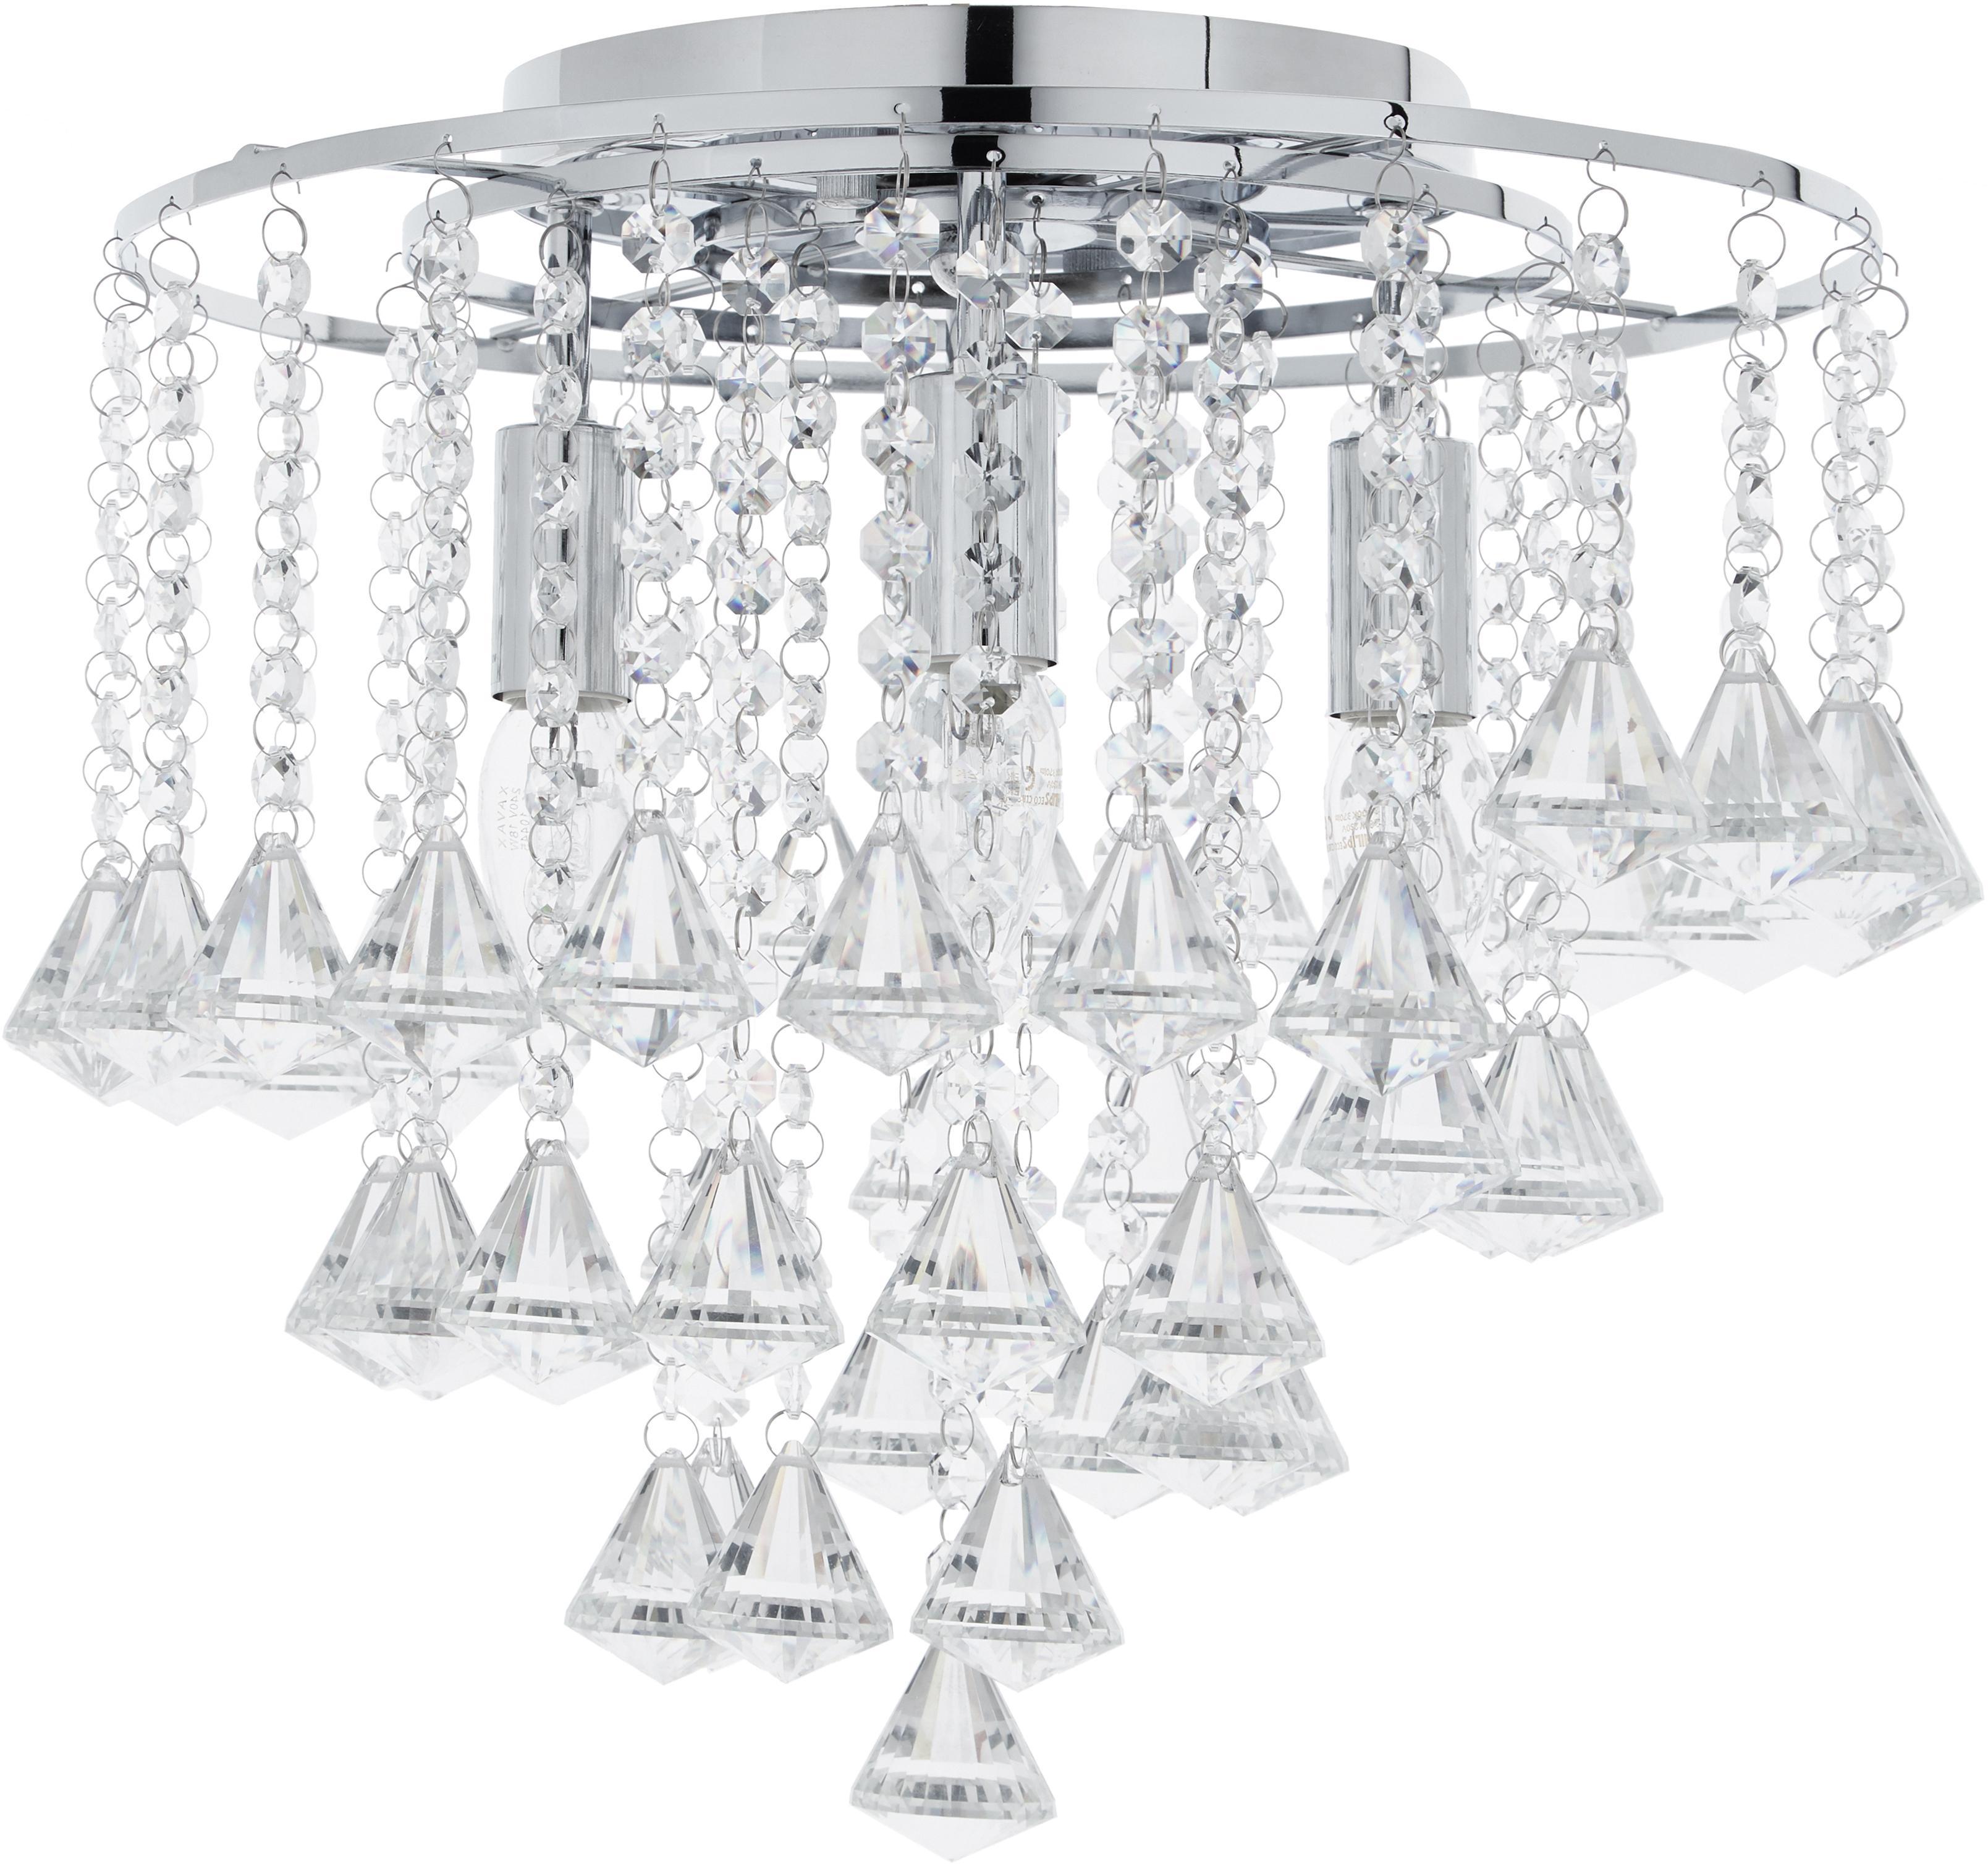 Lampa sufitowa Dorchester, Transparentny, chrom, Ø 50 x W 50 cm